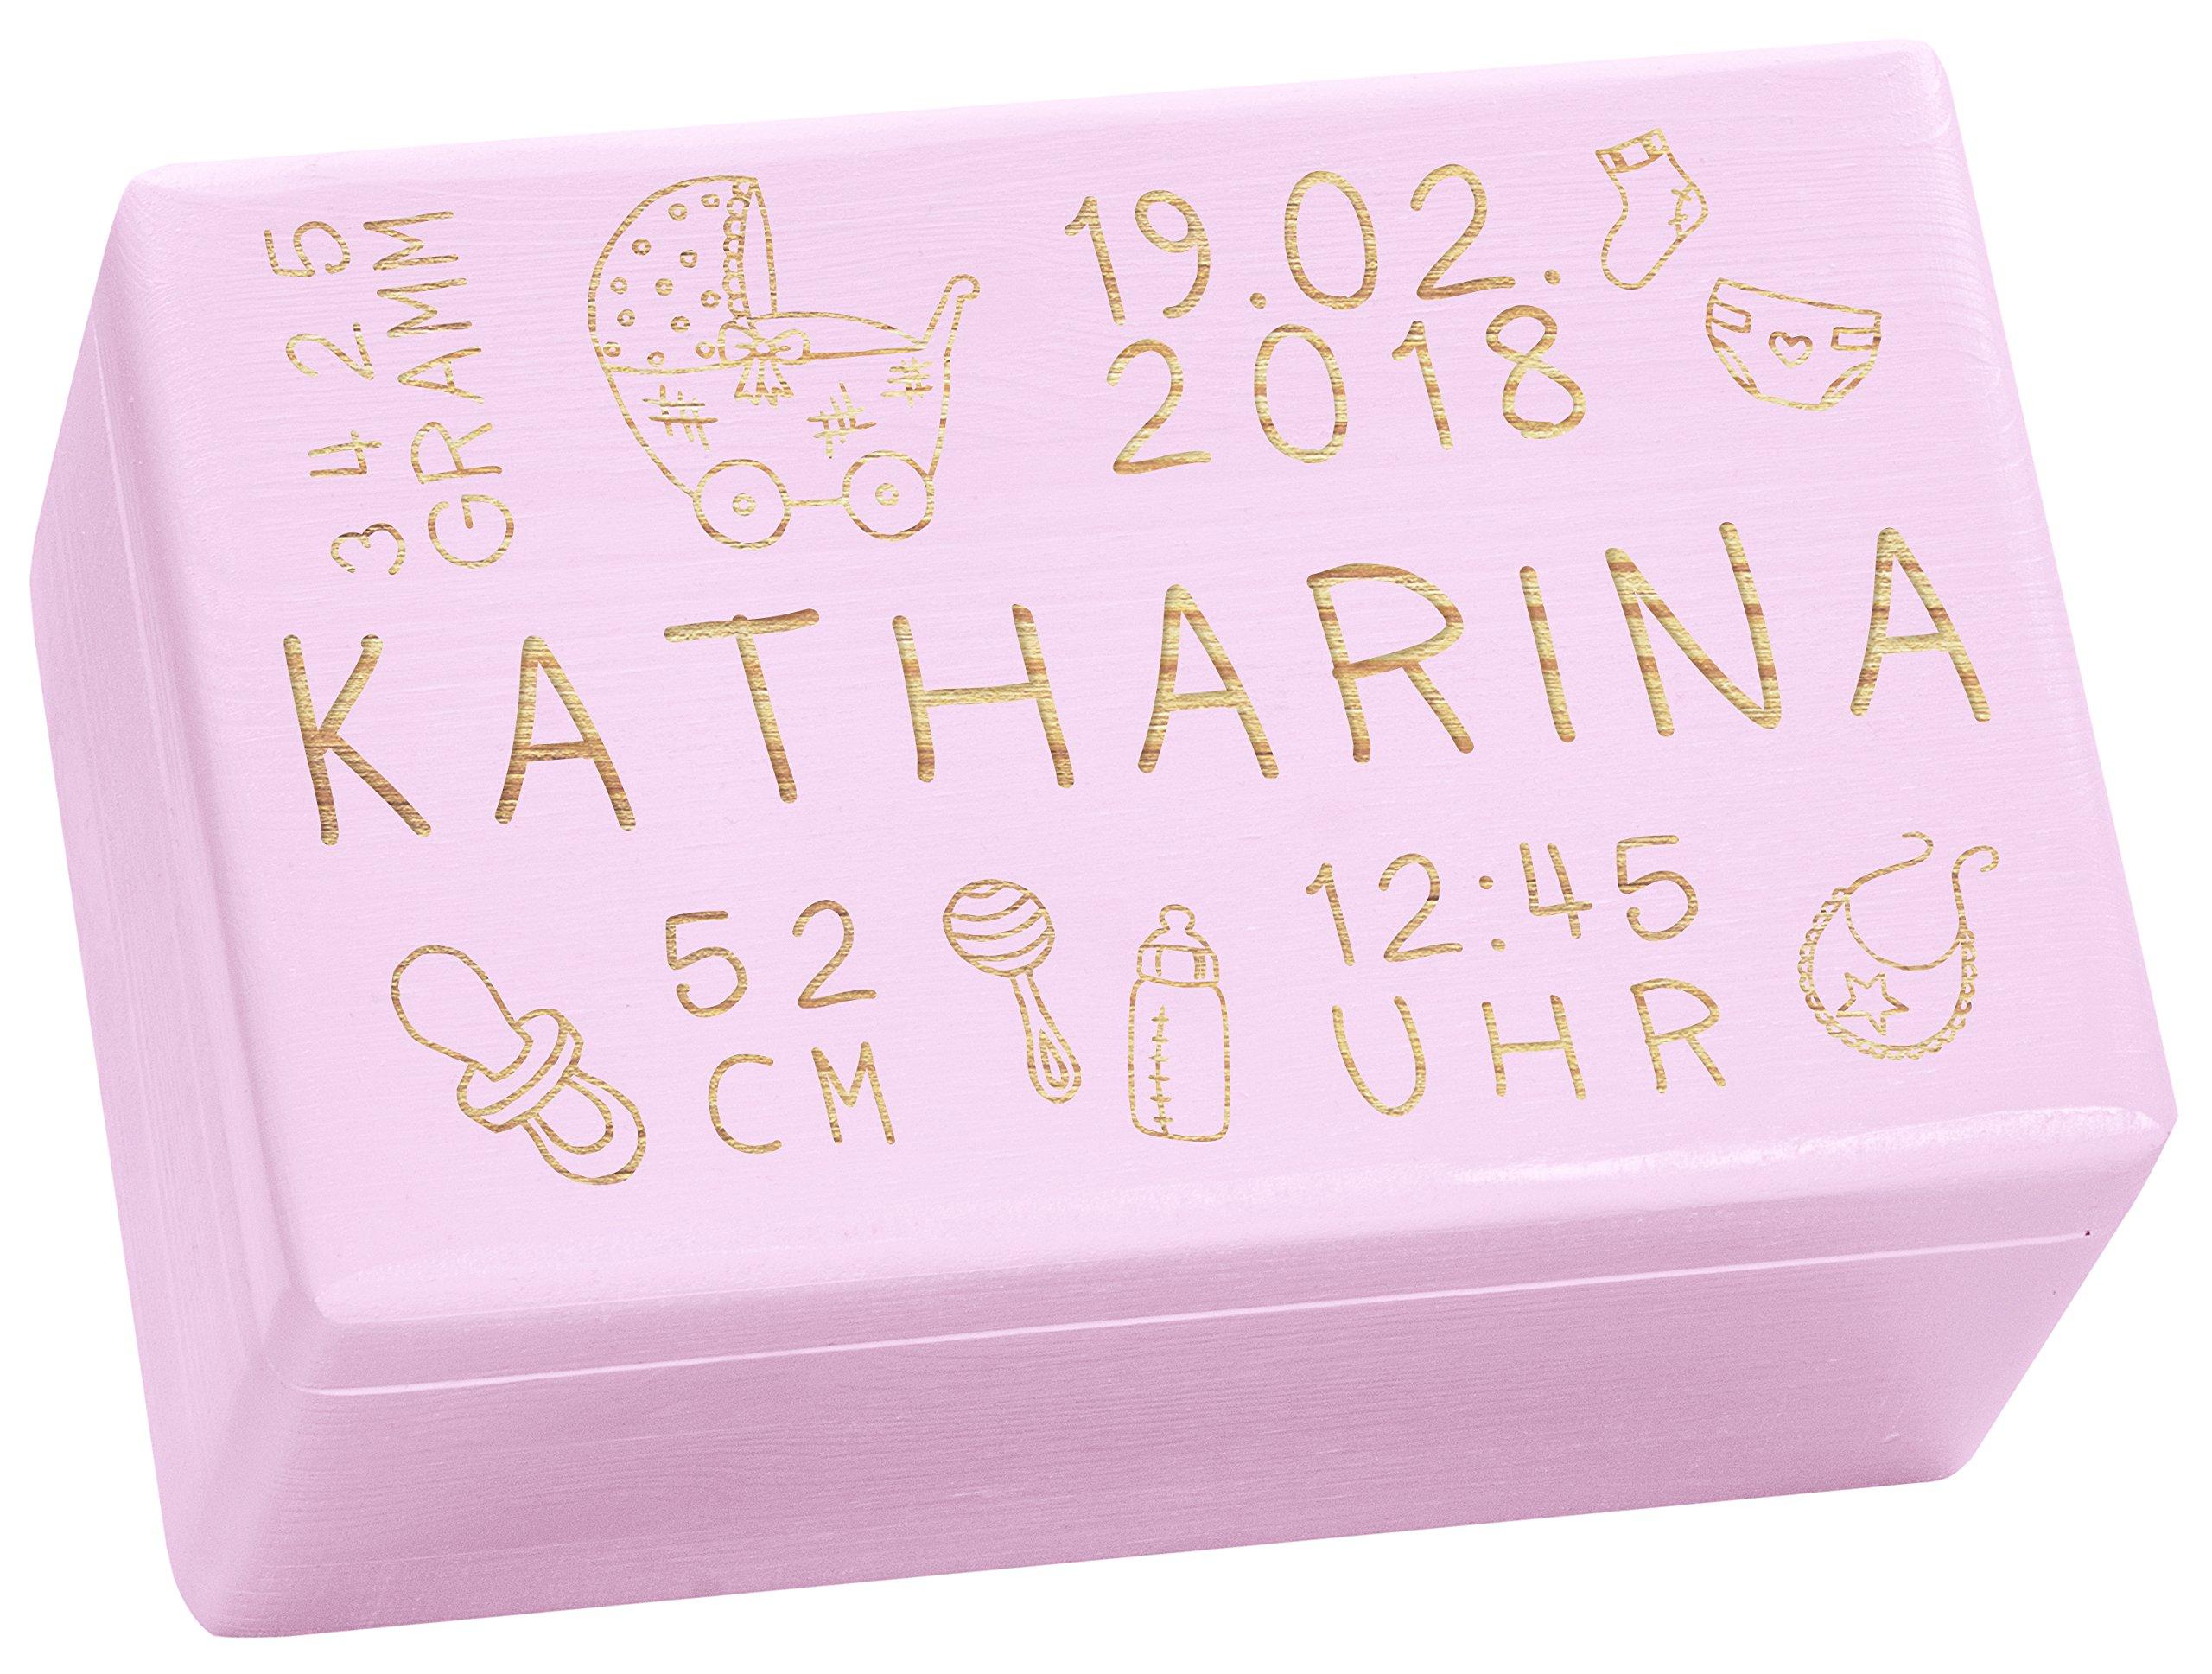 Holzkiste Mit Gravur Personalisiert Mit Geburtsdaten Rosa Grosse M Rassel Motiv Erinnerungskiste Als Geschenk Zur Geburt Laublust